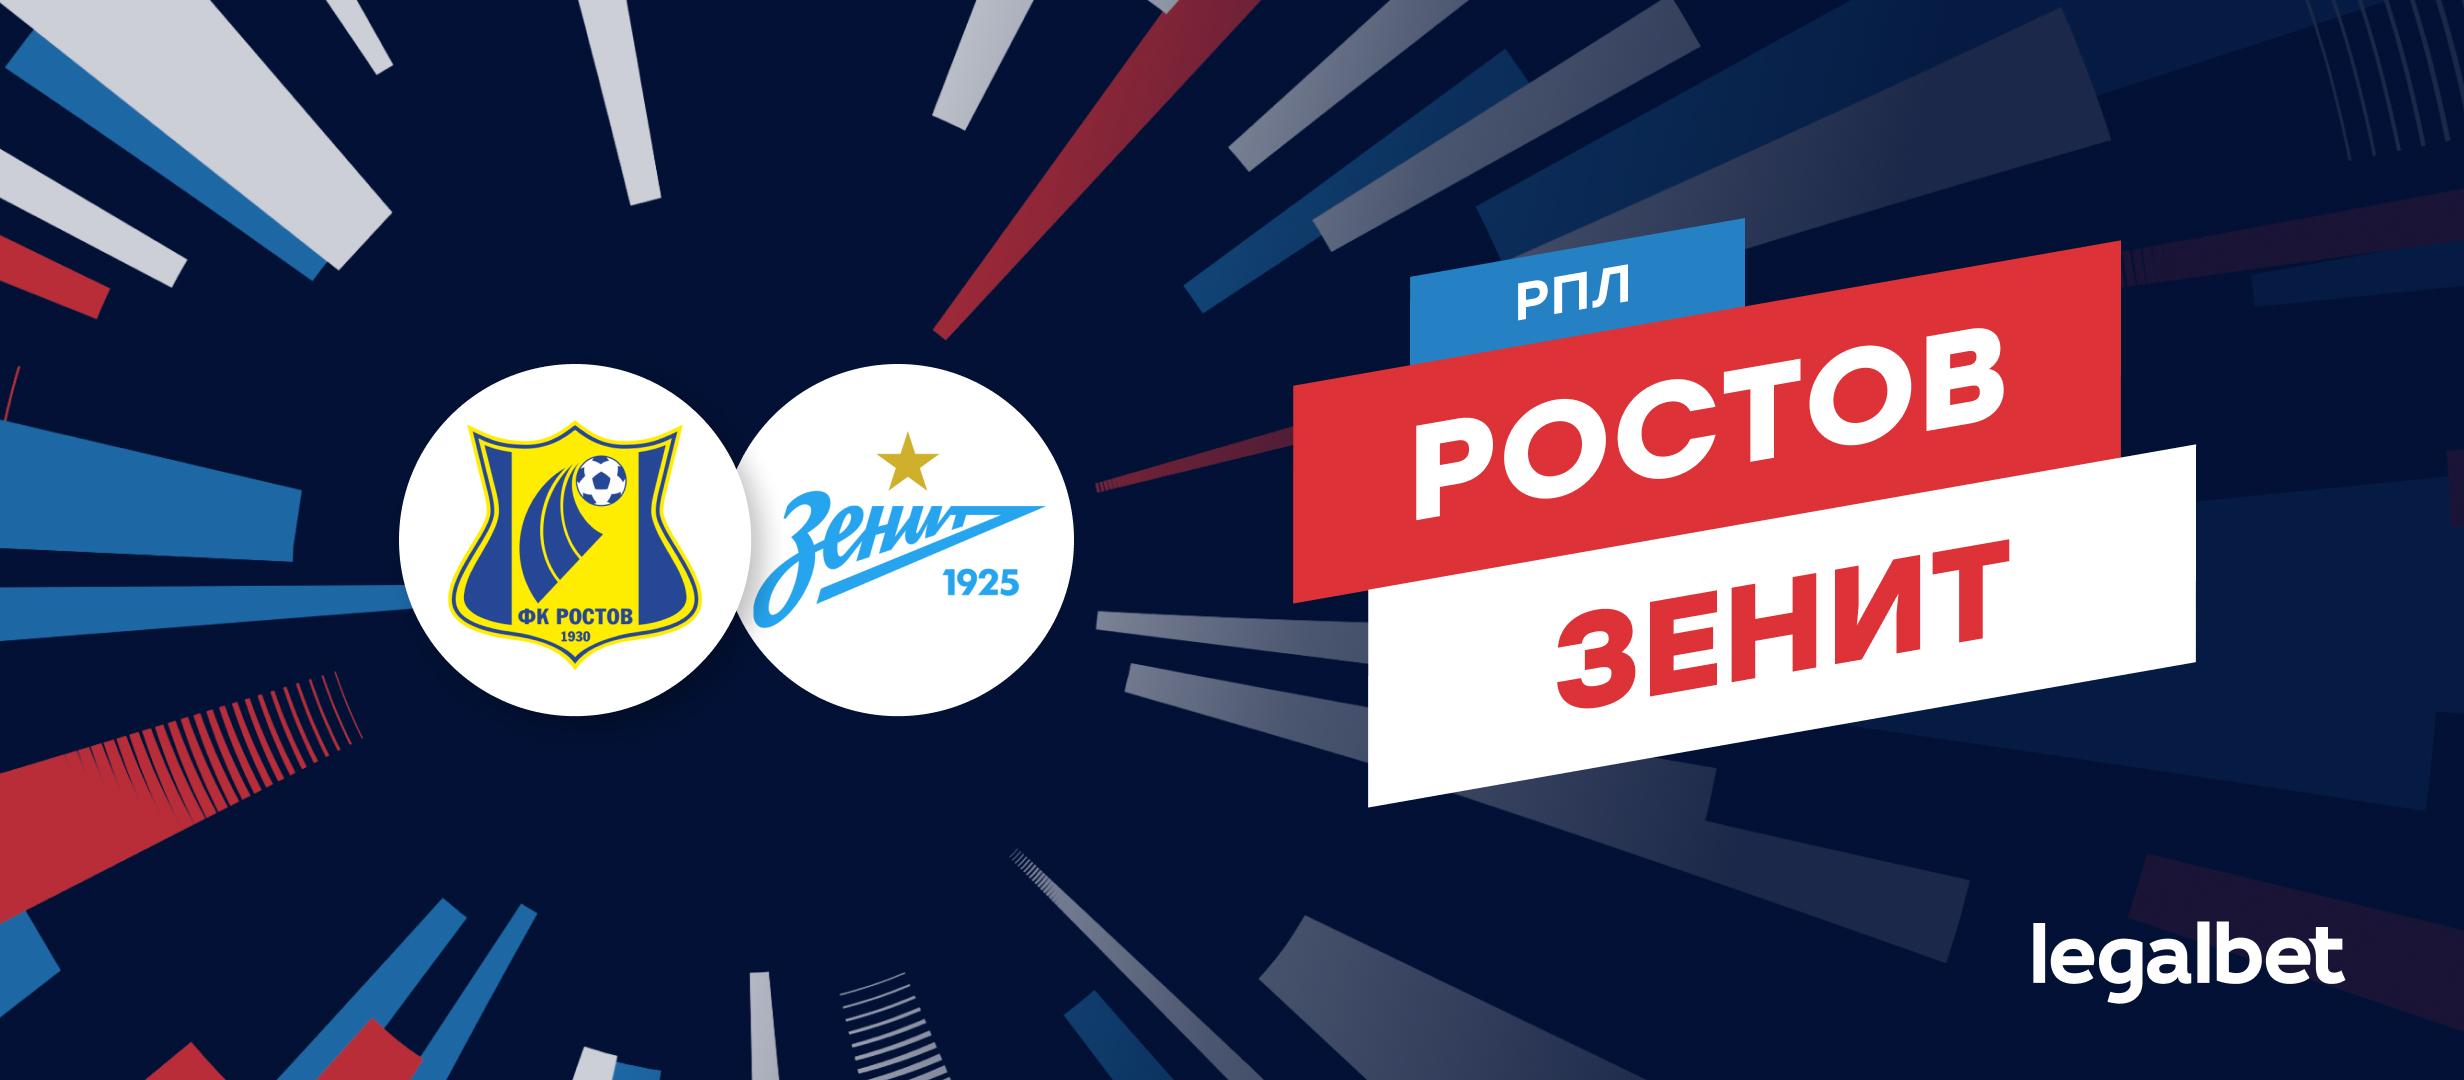 «Ростов» — «Зенит»: ставки и коэффициенты на матч